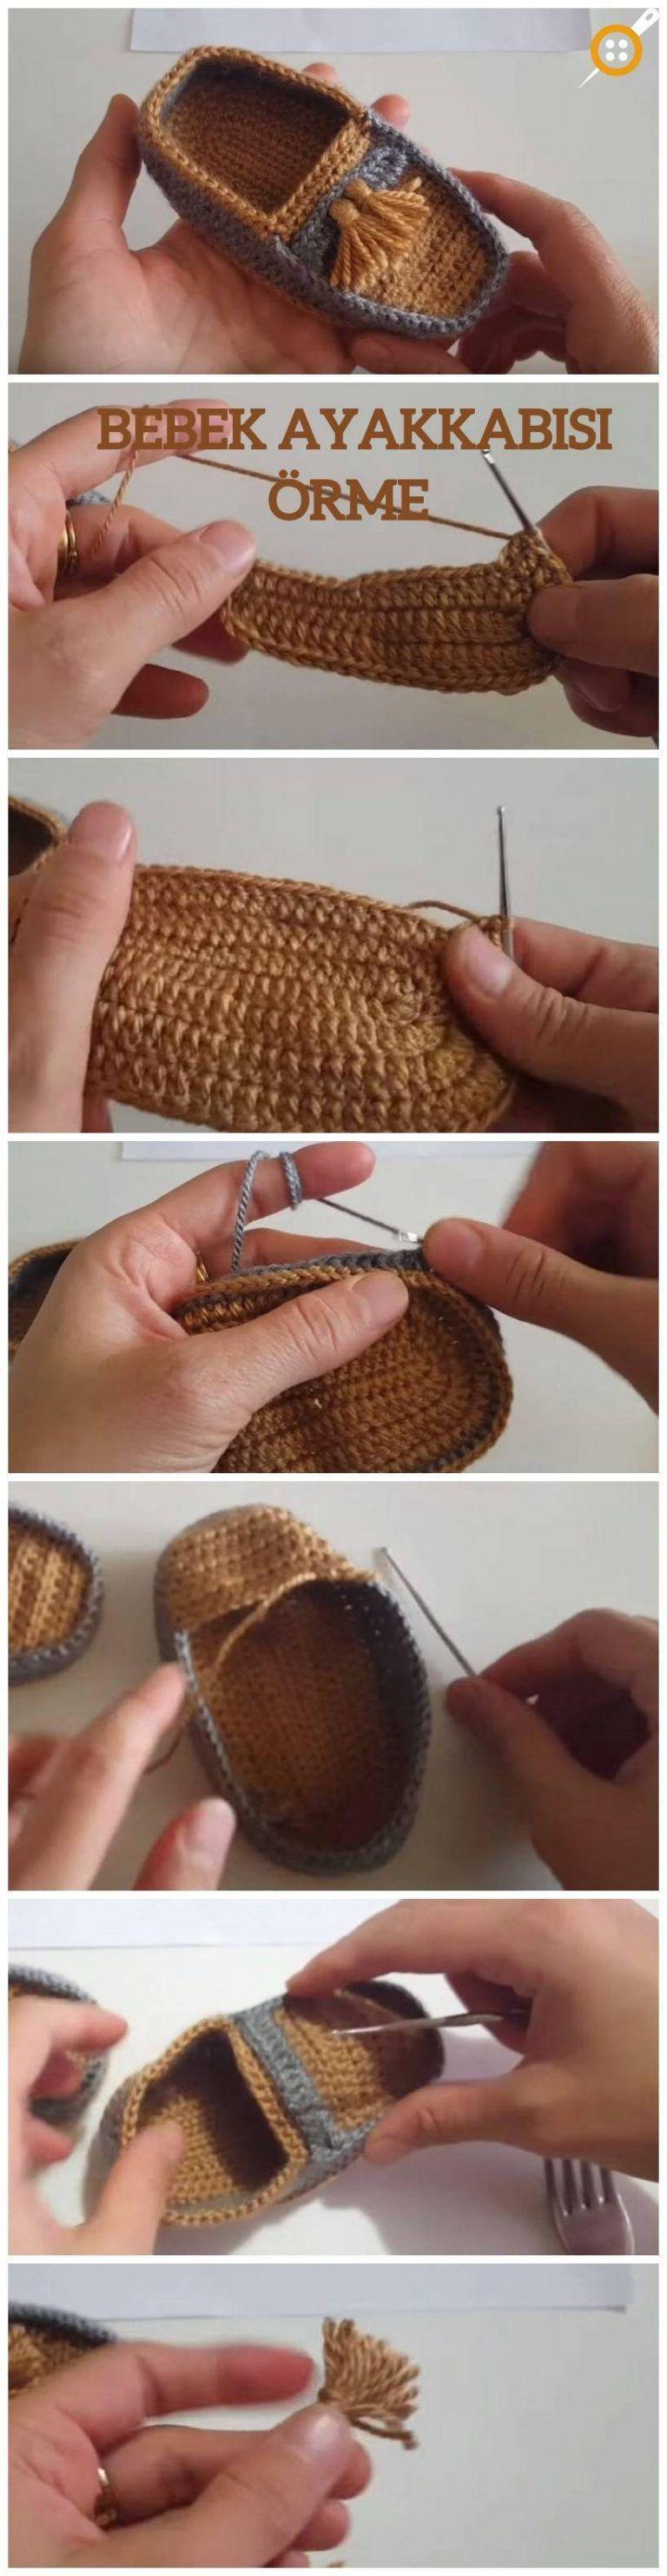 Örgü Bebek Ayakkabı Yapımı – Tığ İşi Bebek Ayakkabı Patik Yapılışı